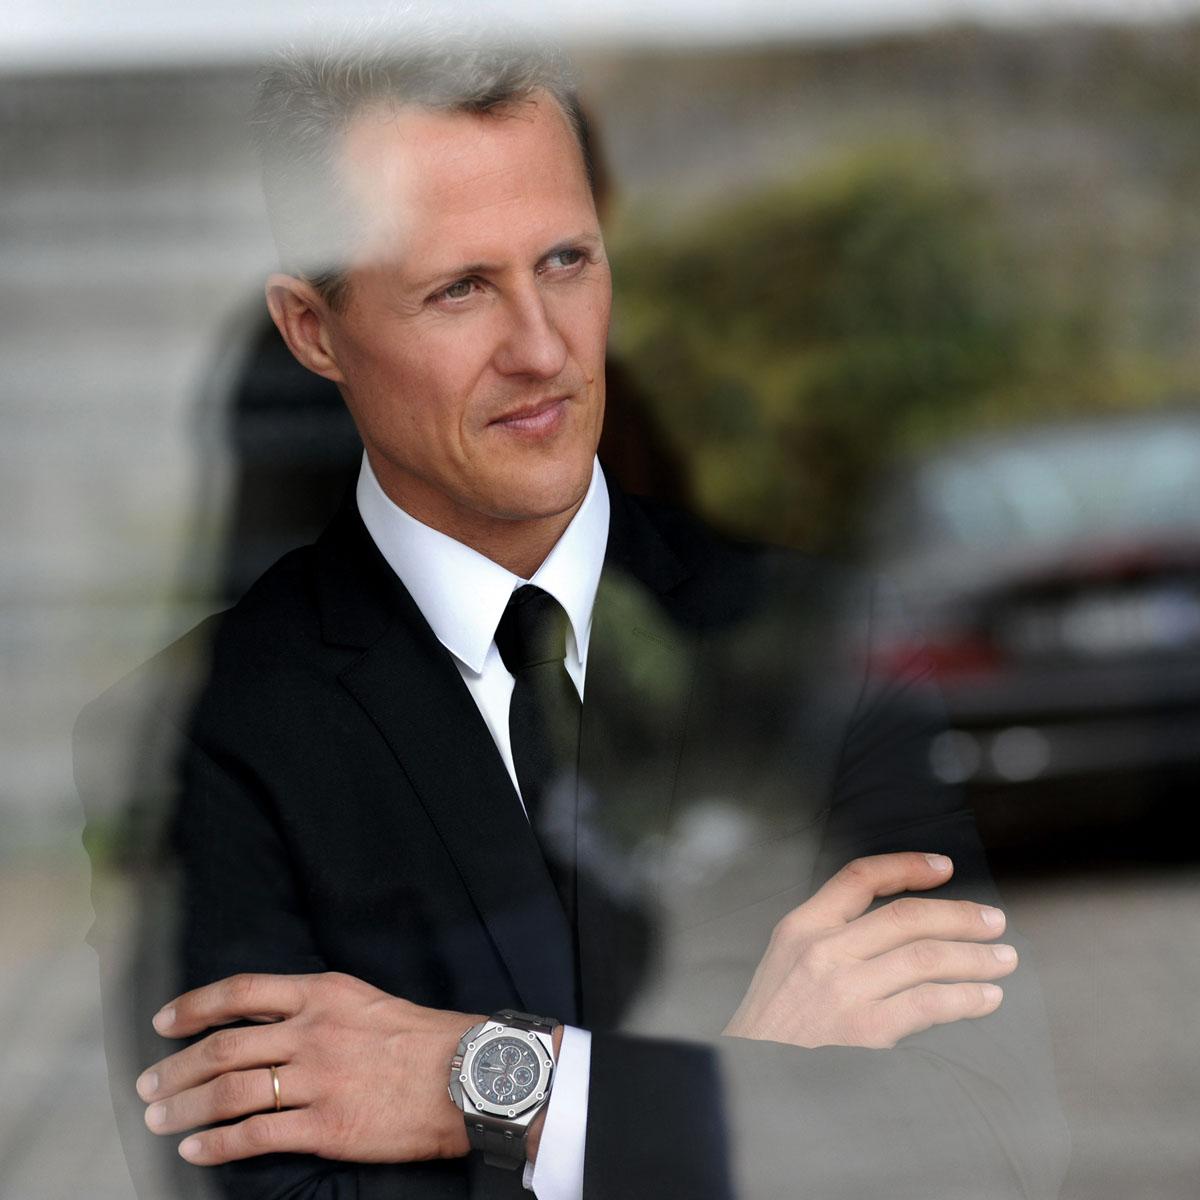 La Cote des Montres : Photo - Audemars Piguet Royal Oak Offshore Michael Schumacher Edition Limitée